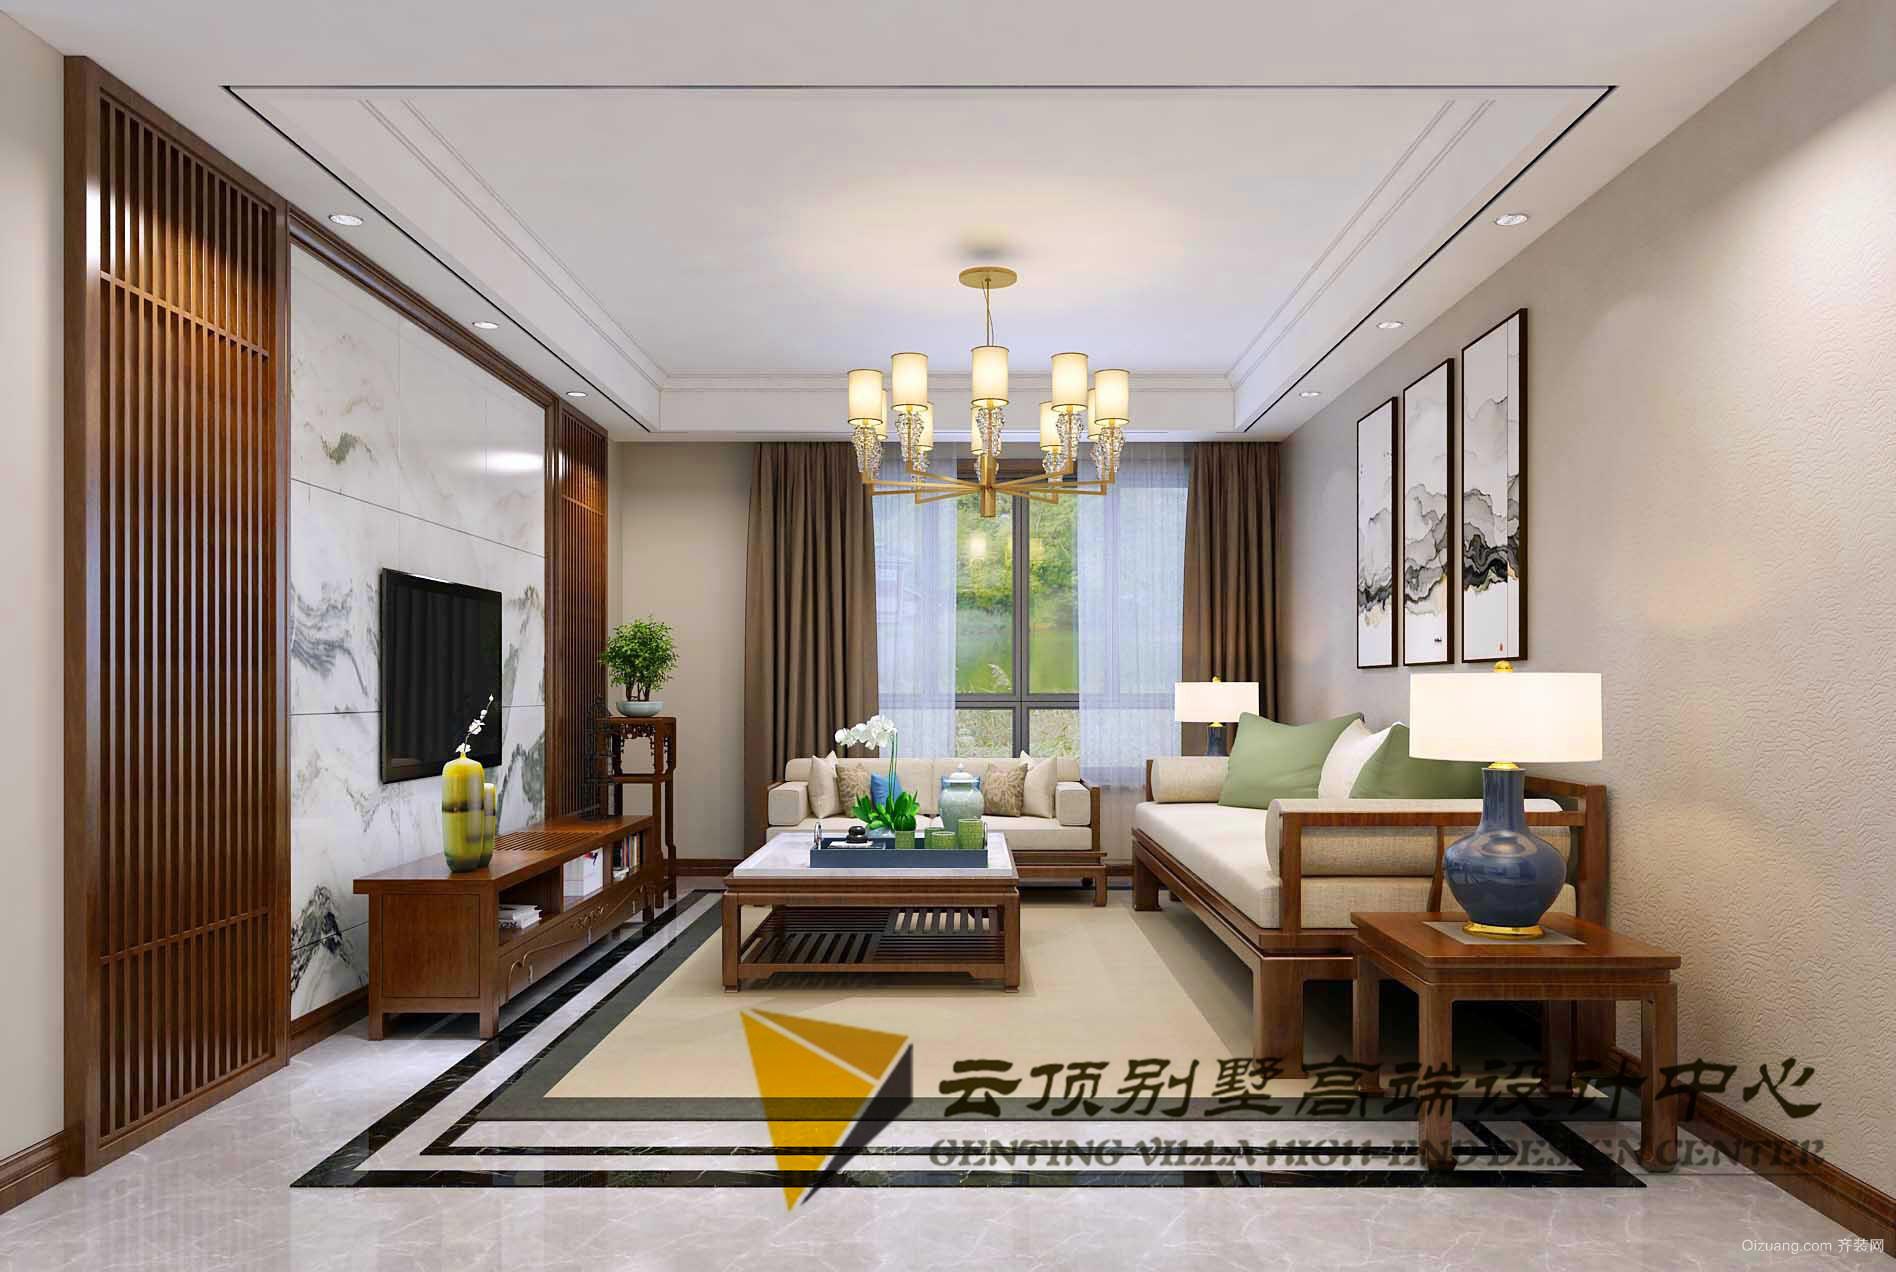 玫瑰园中式风格装修效果图实景图